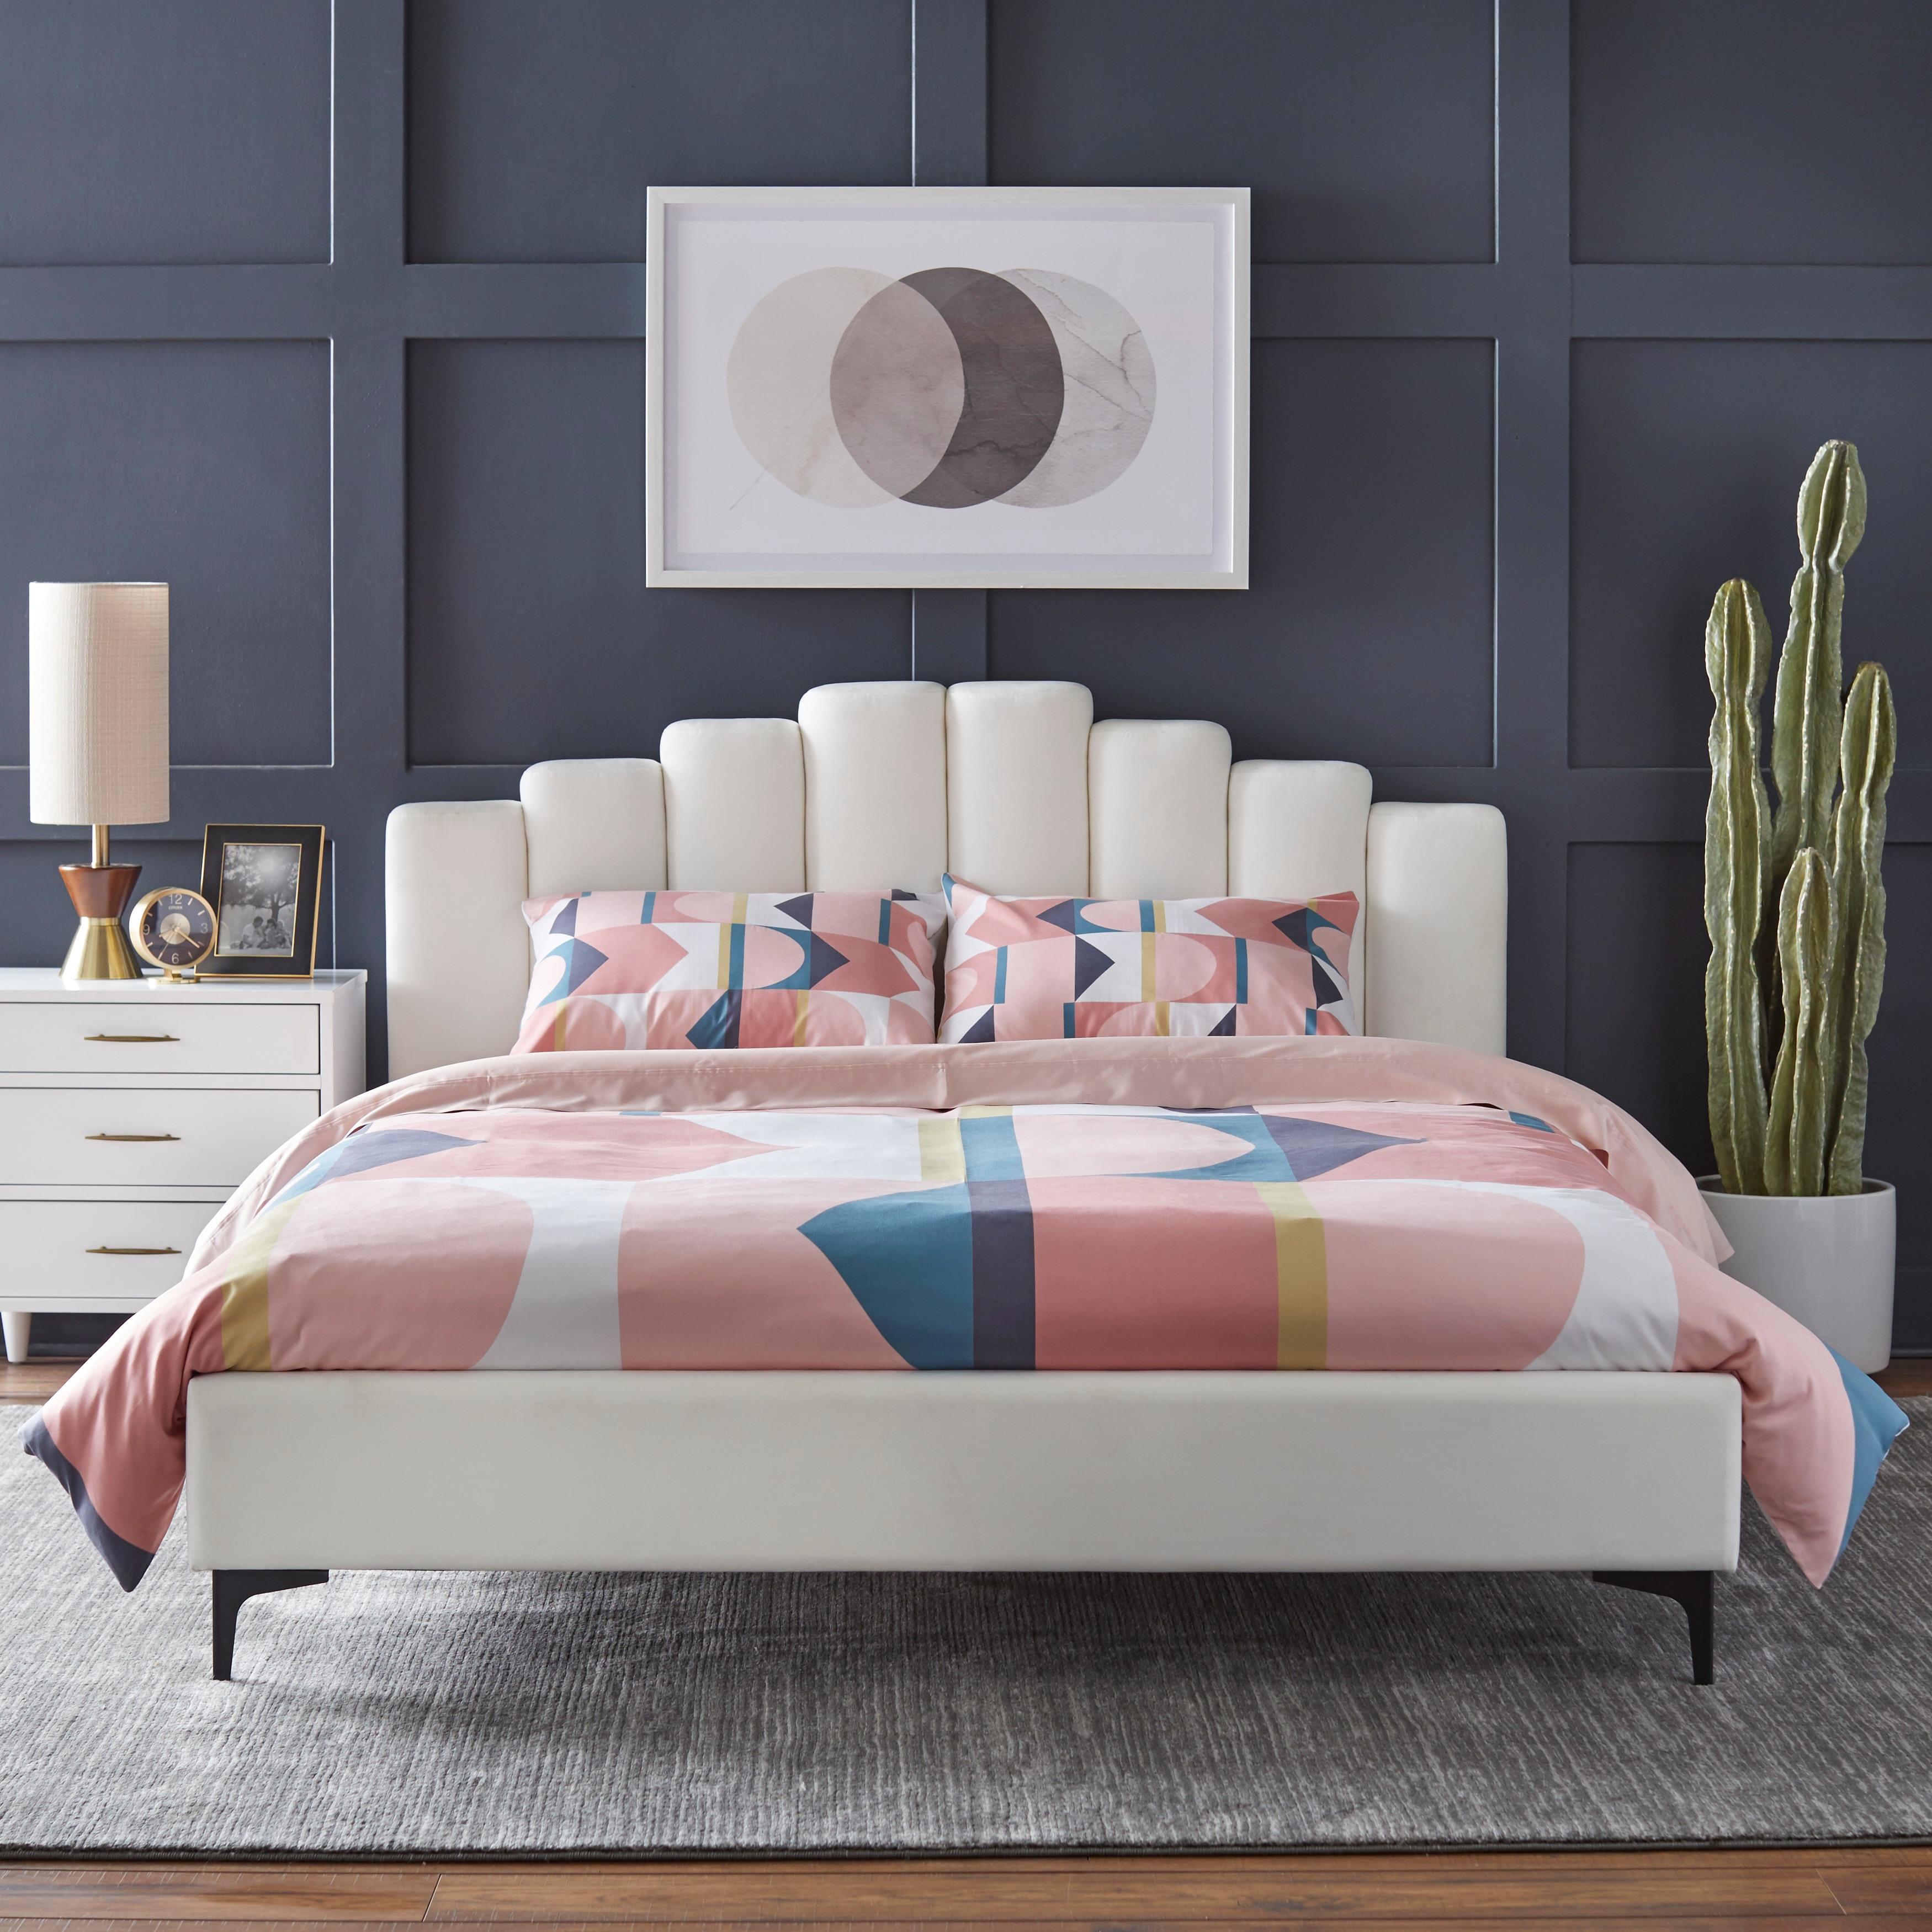 Lifestorey Stark Upholstered Queen Bed Overstock 31052033 Grey